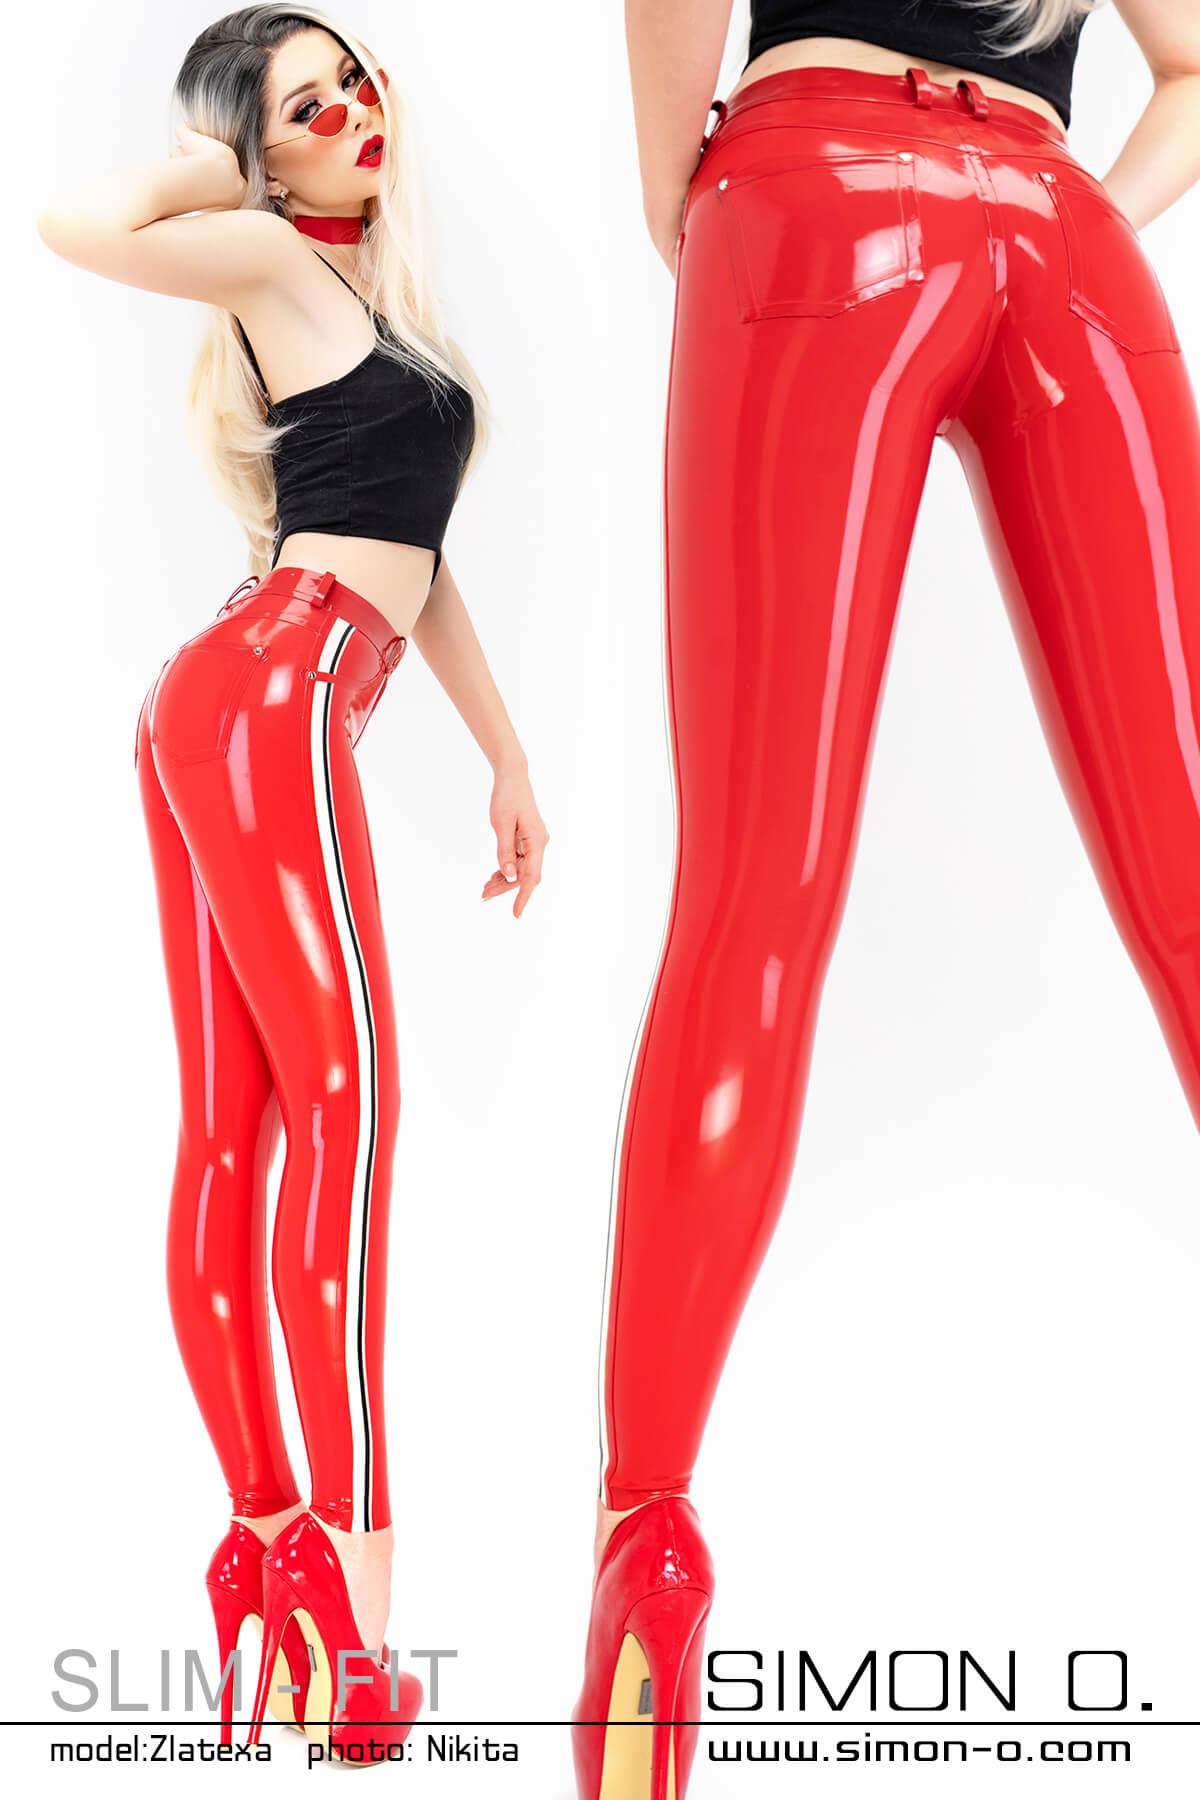 Eine blonde Frau trägt eine enge rote Latex Jean mit Streifen auf der Seite